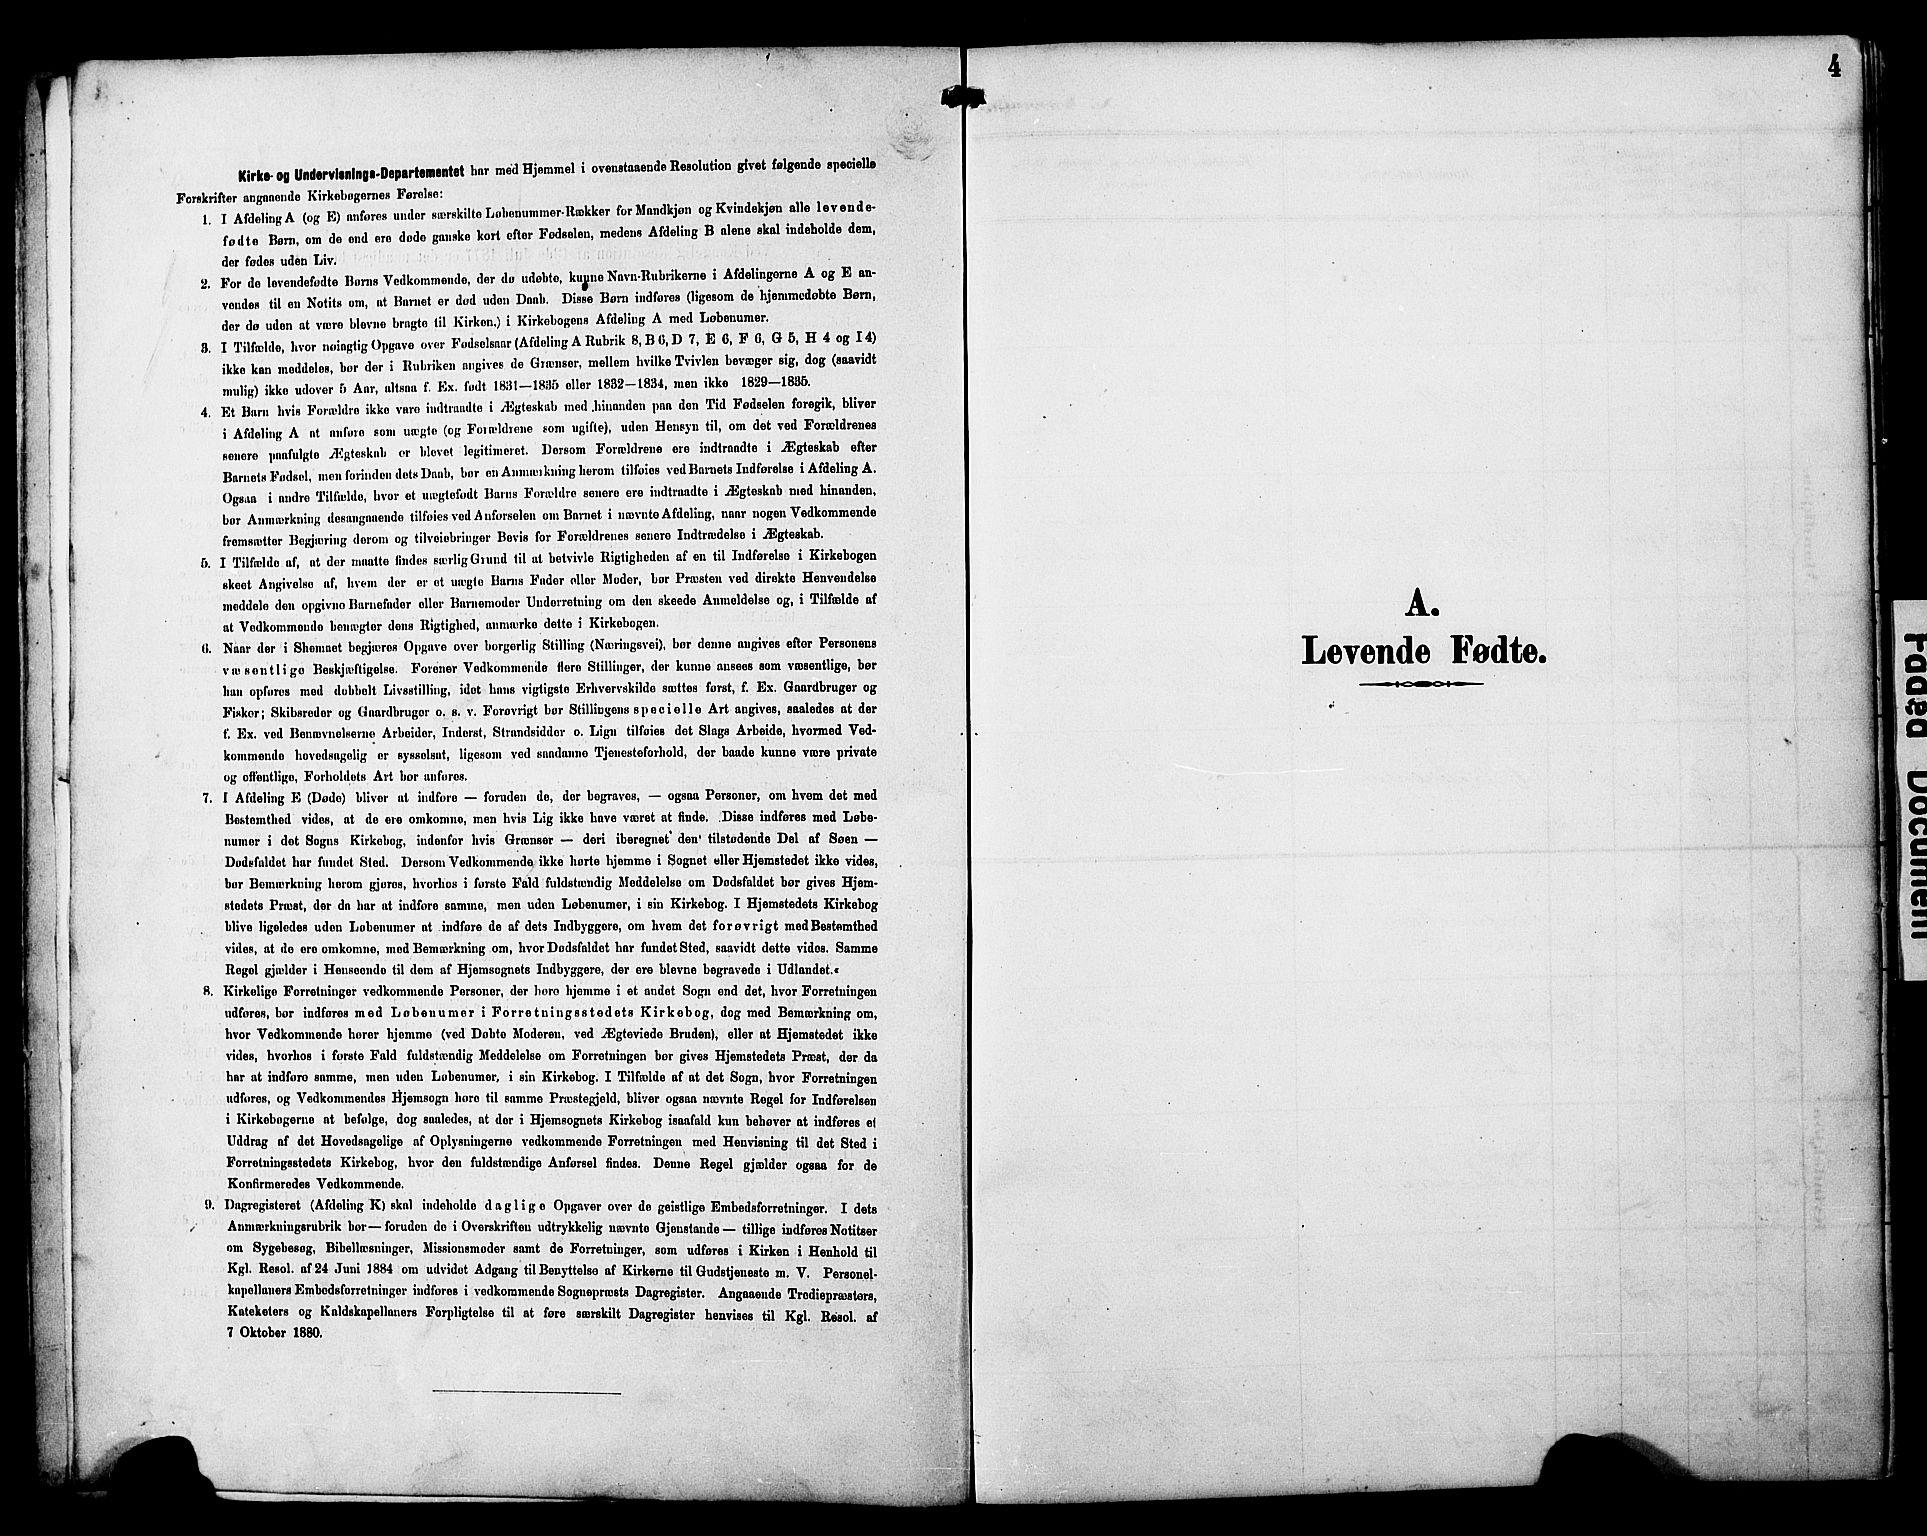 SAT, Ministerialprotokoller, klokkerbøker og fødselsregistre - Nord-Trøndelag, 788/L0701: Klokkerbok nr. 788C01, 1888-1913, s. 4